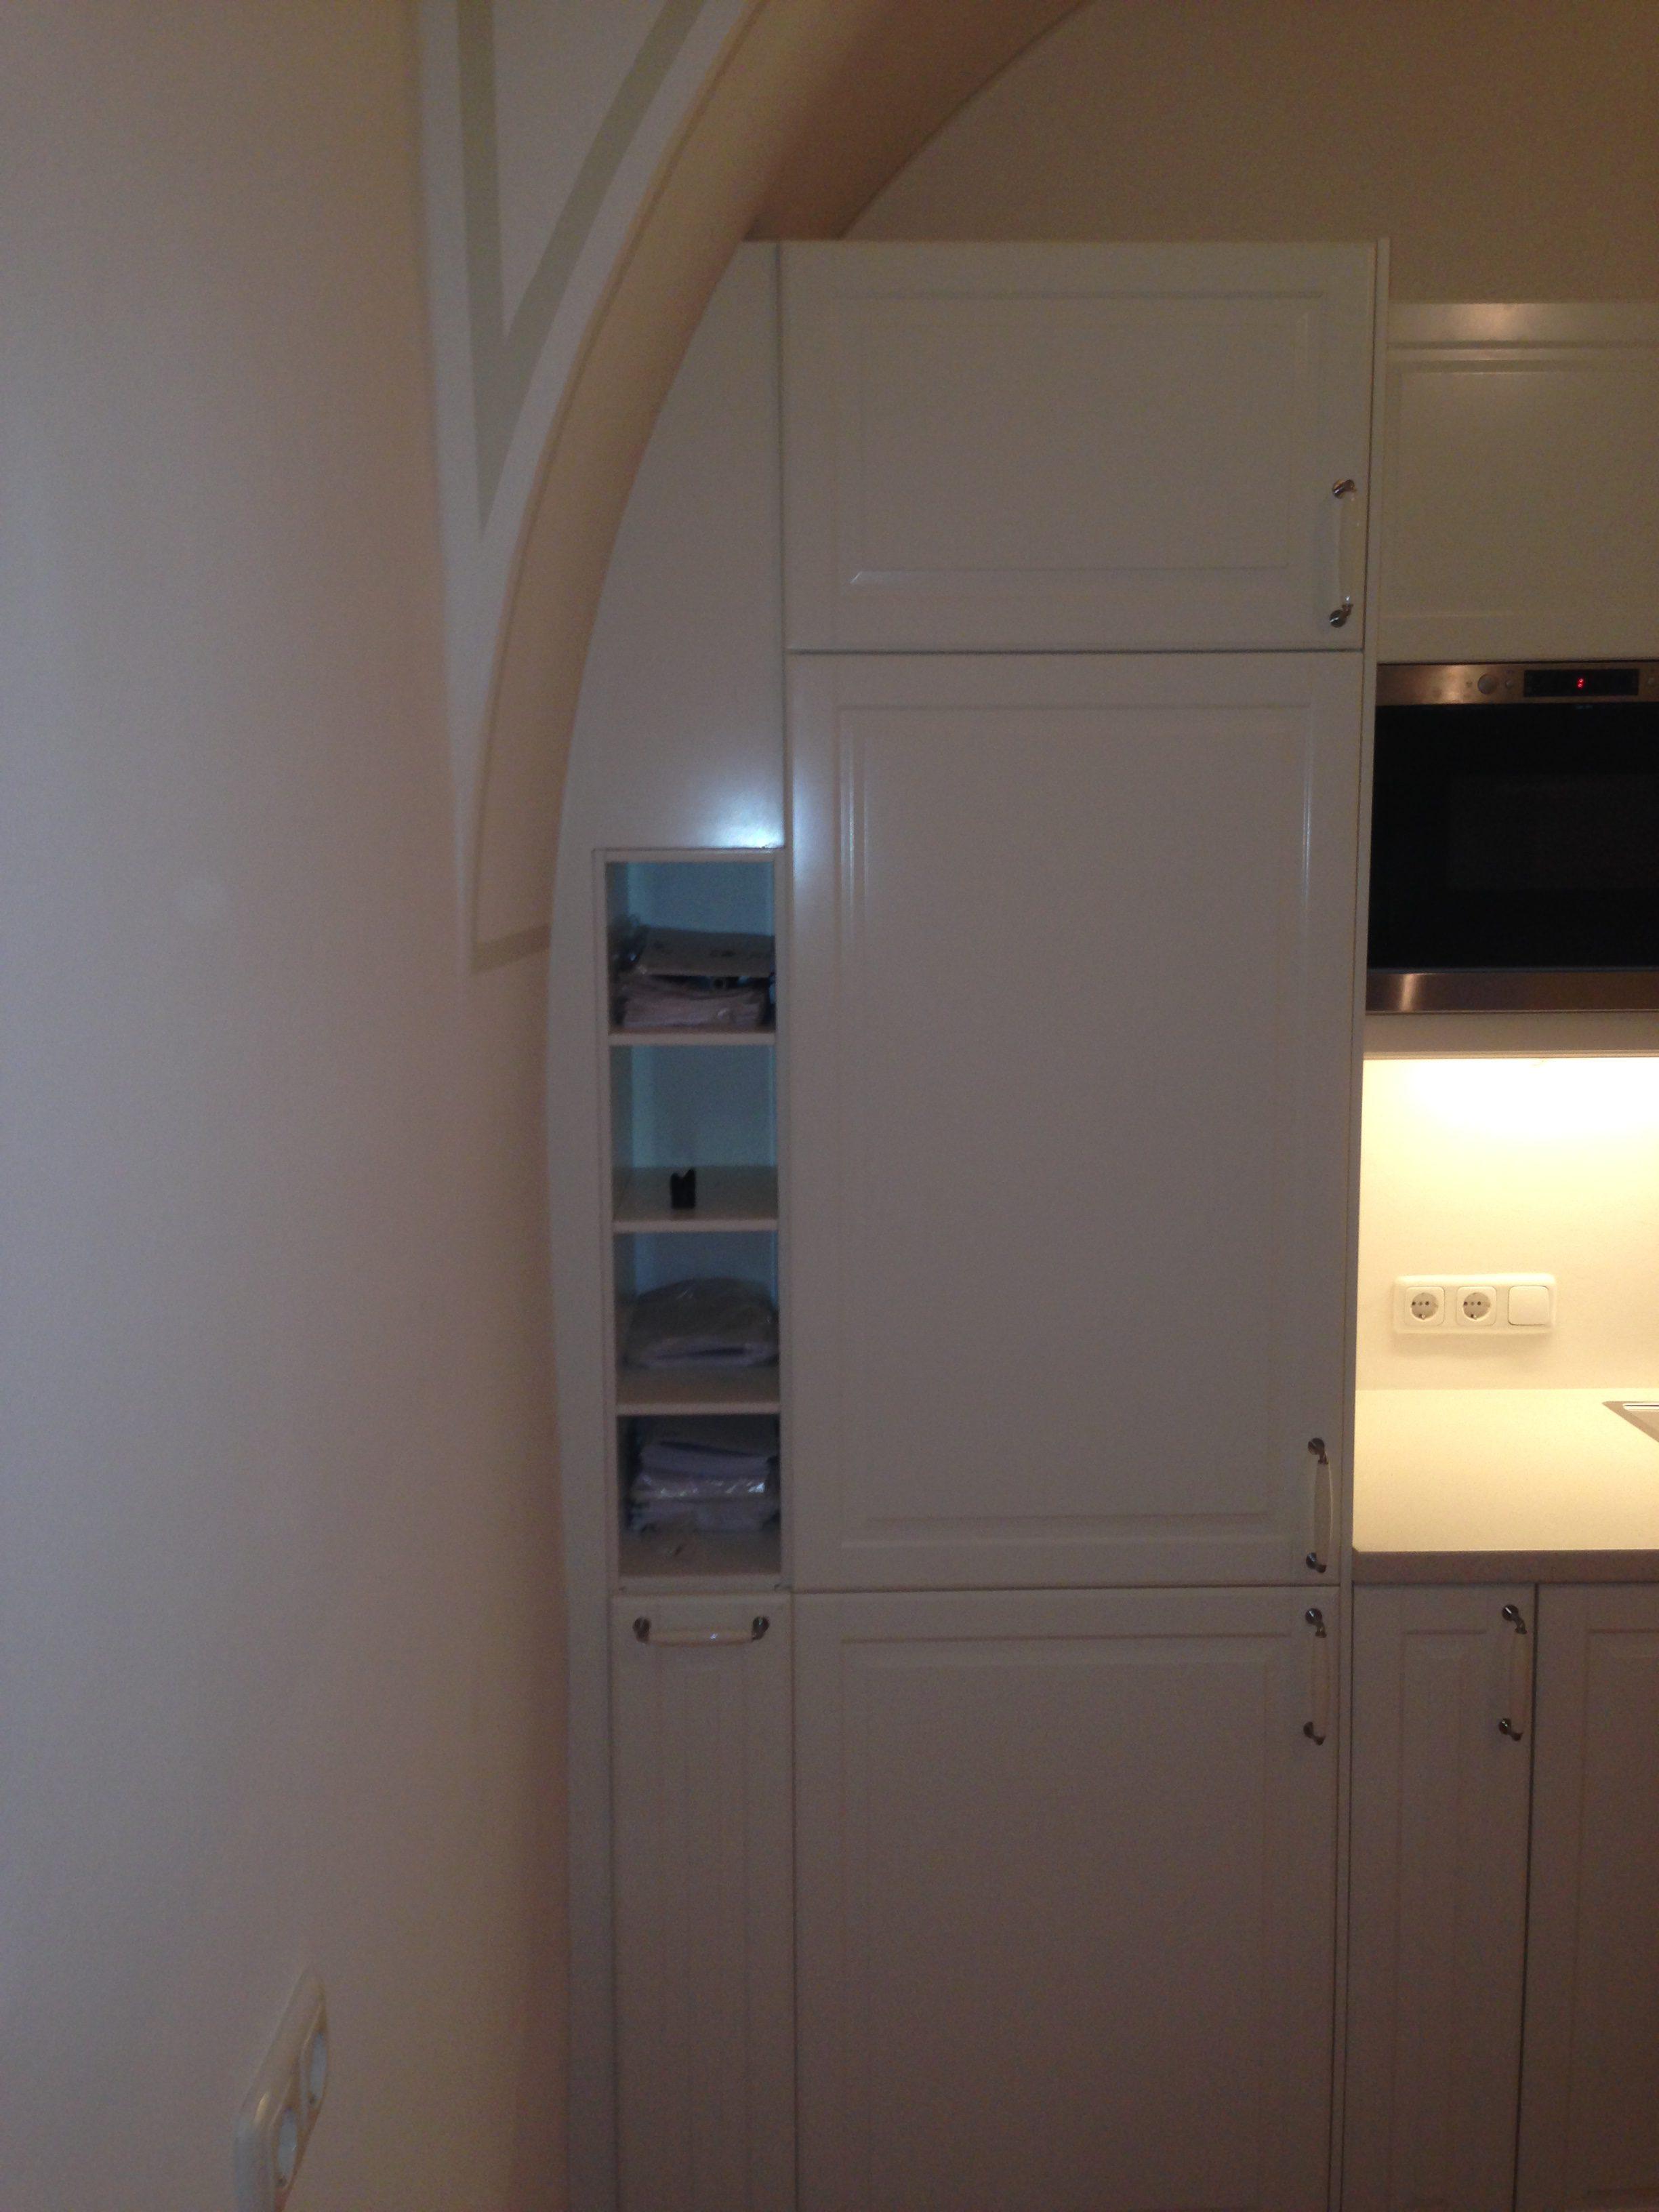 Geht nicht, gibt's nicht! Eckige Küche in Rundbogen - geht das? Wie Sie sehen, geht alles! Die eckigen Oberschränke der Küche wurden perfekt in den Rundbogen des alten Schlosses integriert.